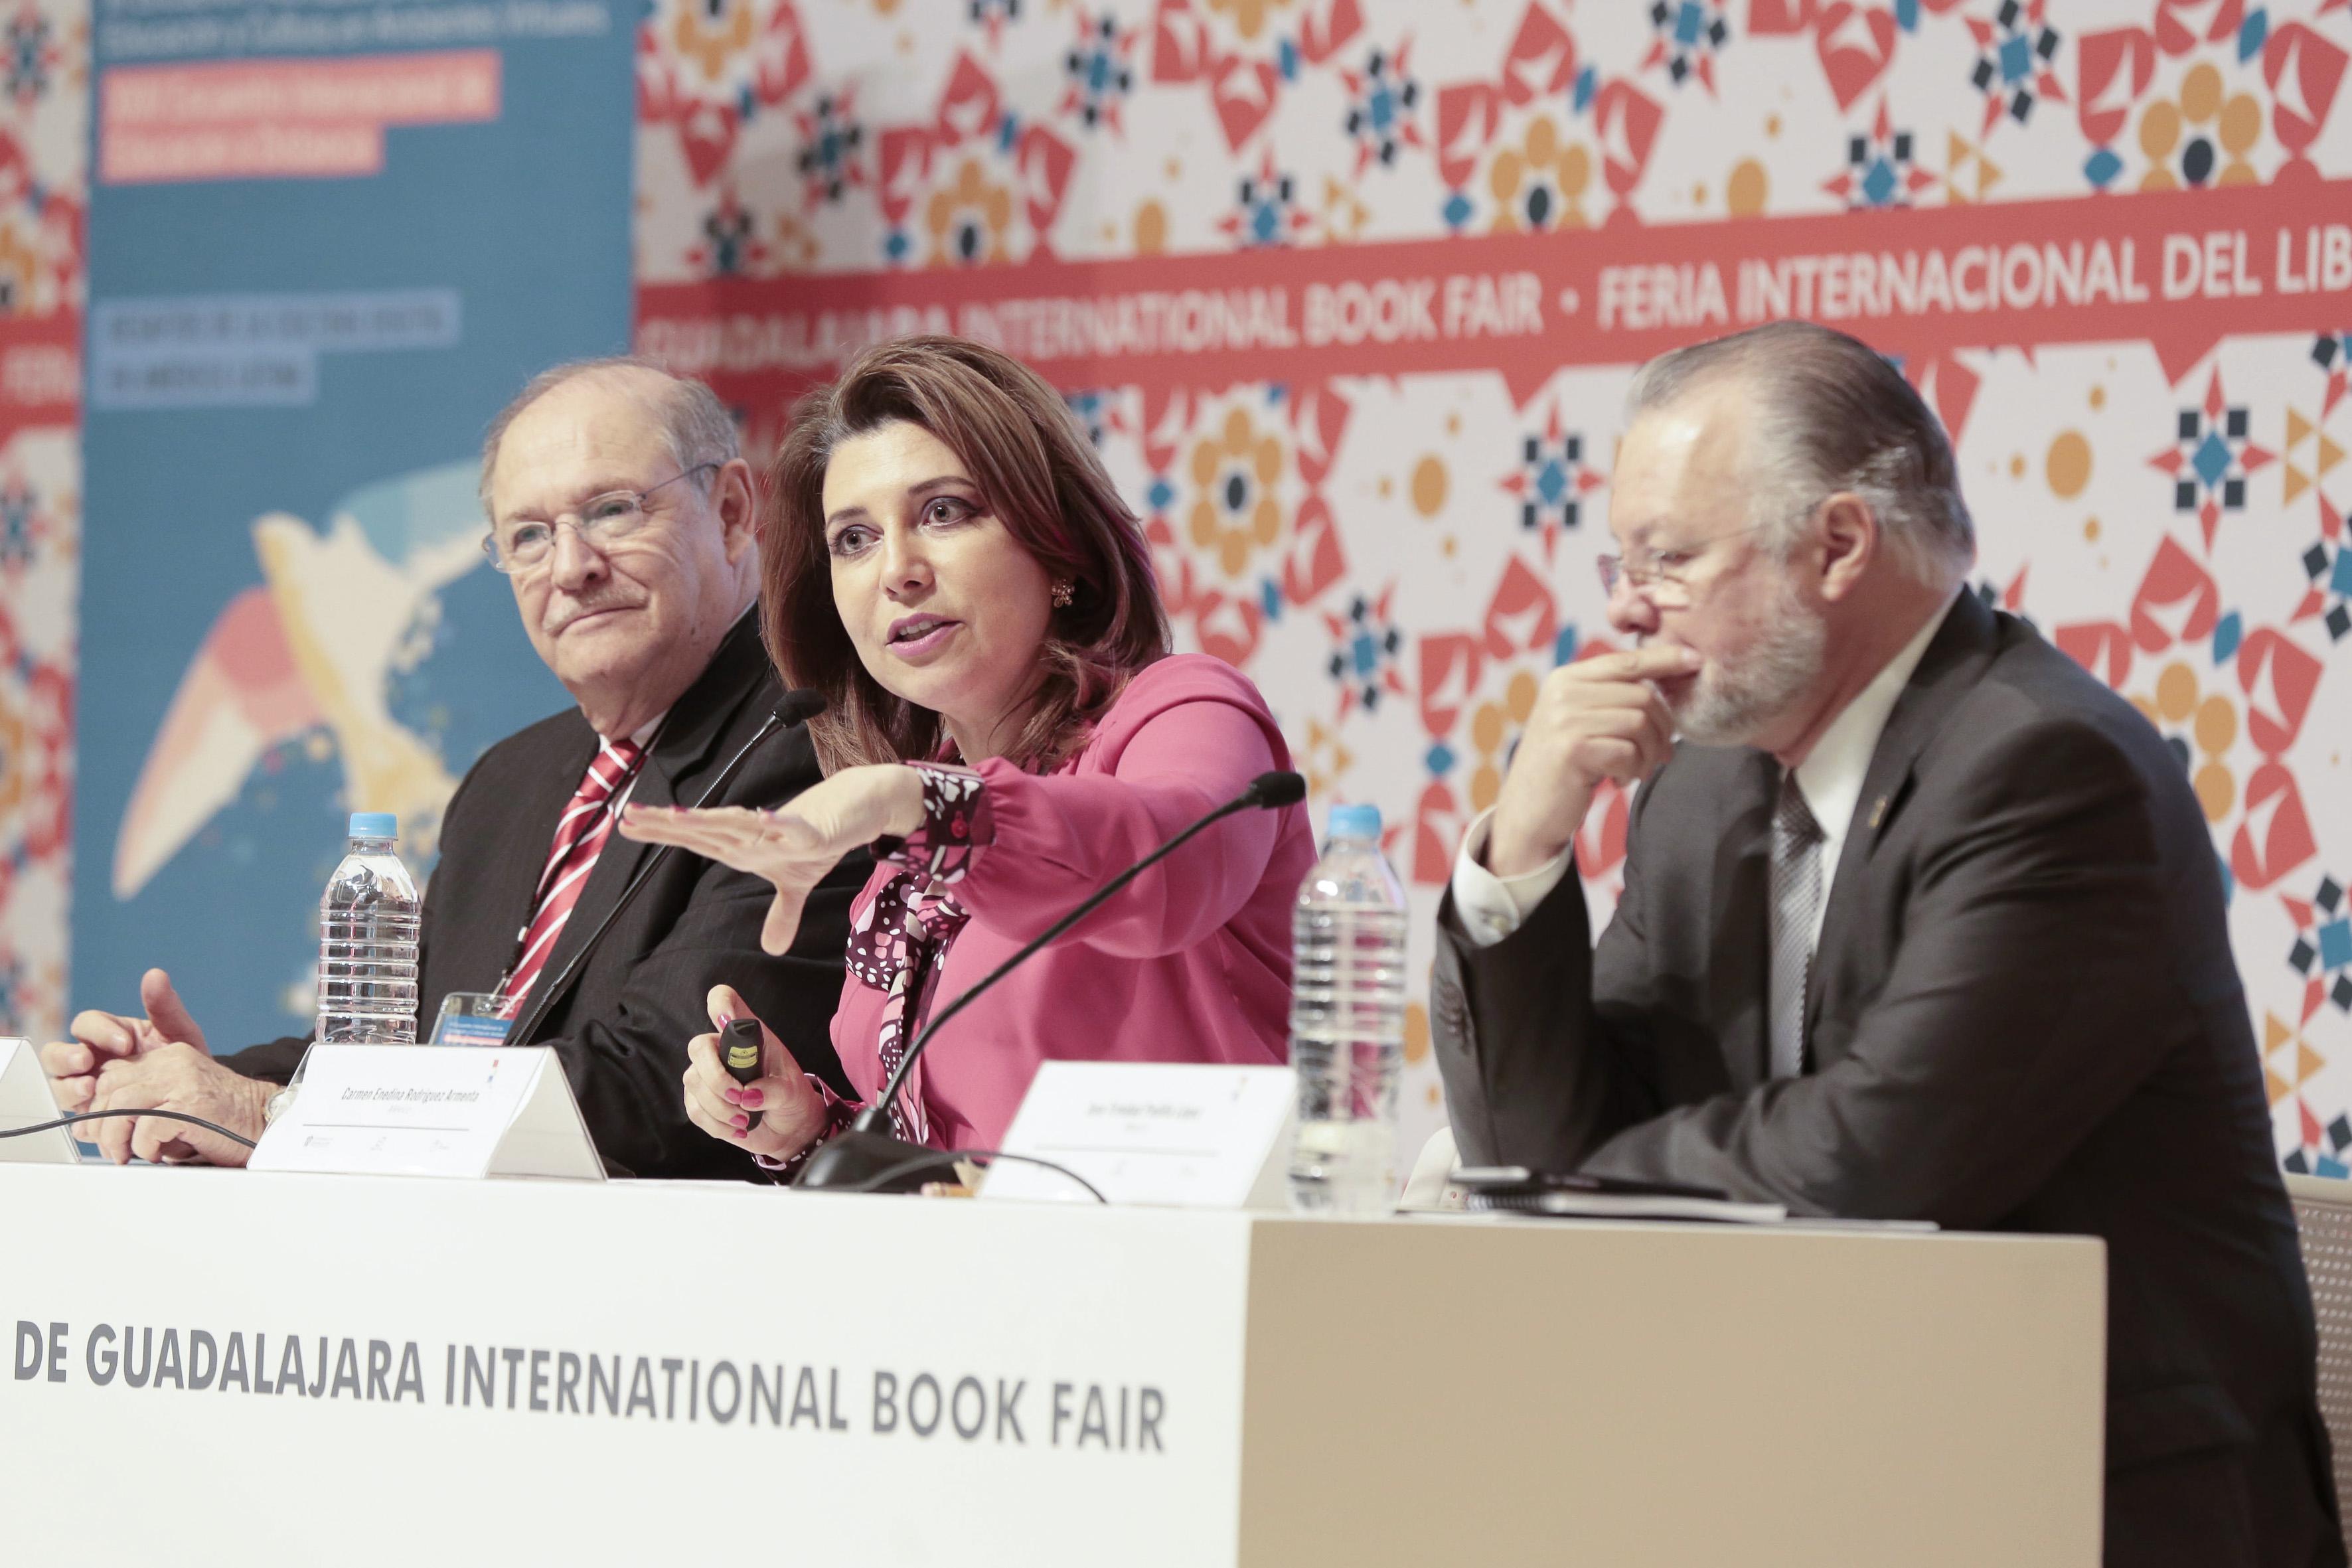 Titular de la Coordinación General Administrativa de la Universidad de Guadalajara, doctora Carmen Enedina Rodríguez Armenta, con micrófono en mesa del panel, haciendo uso de la palabra.